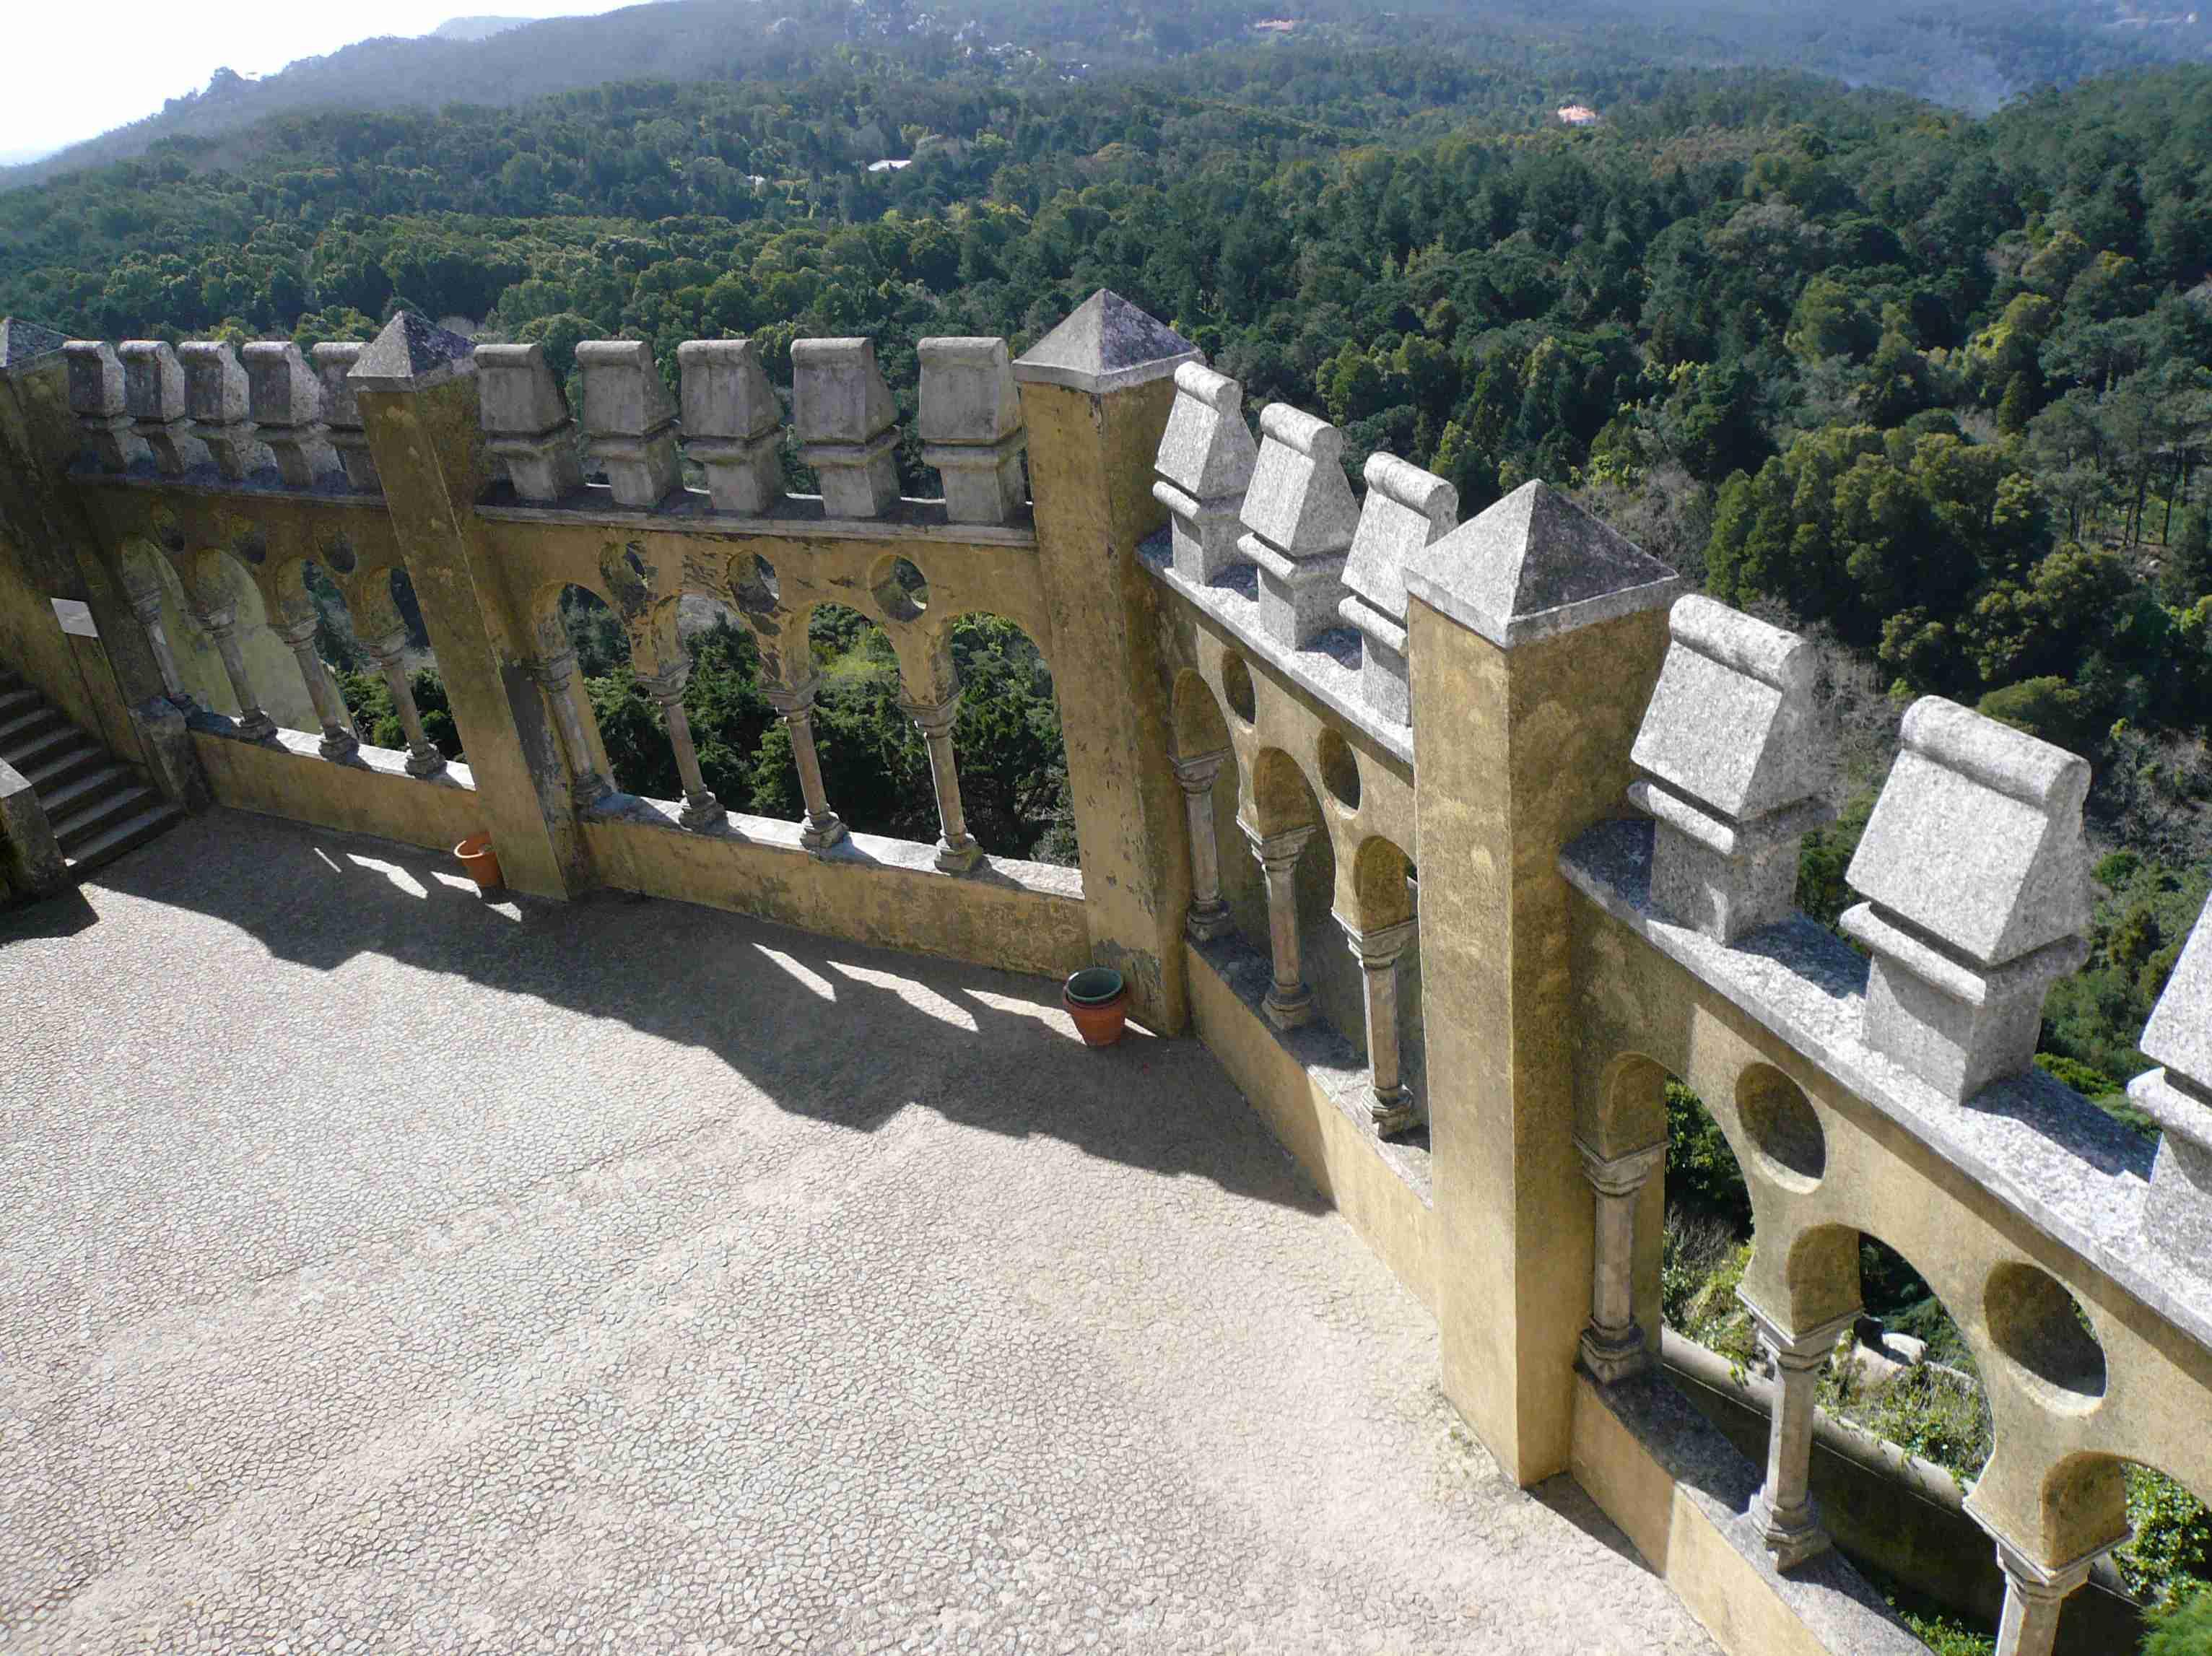 Parque Natural de Sintra